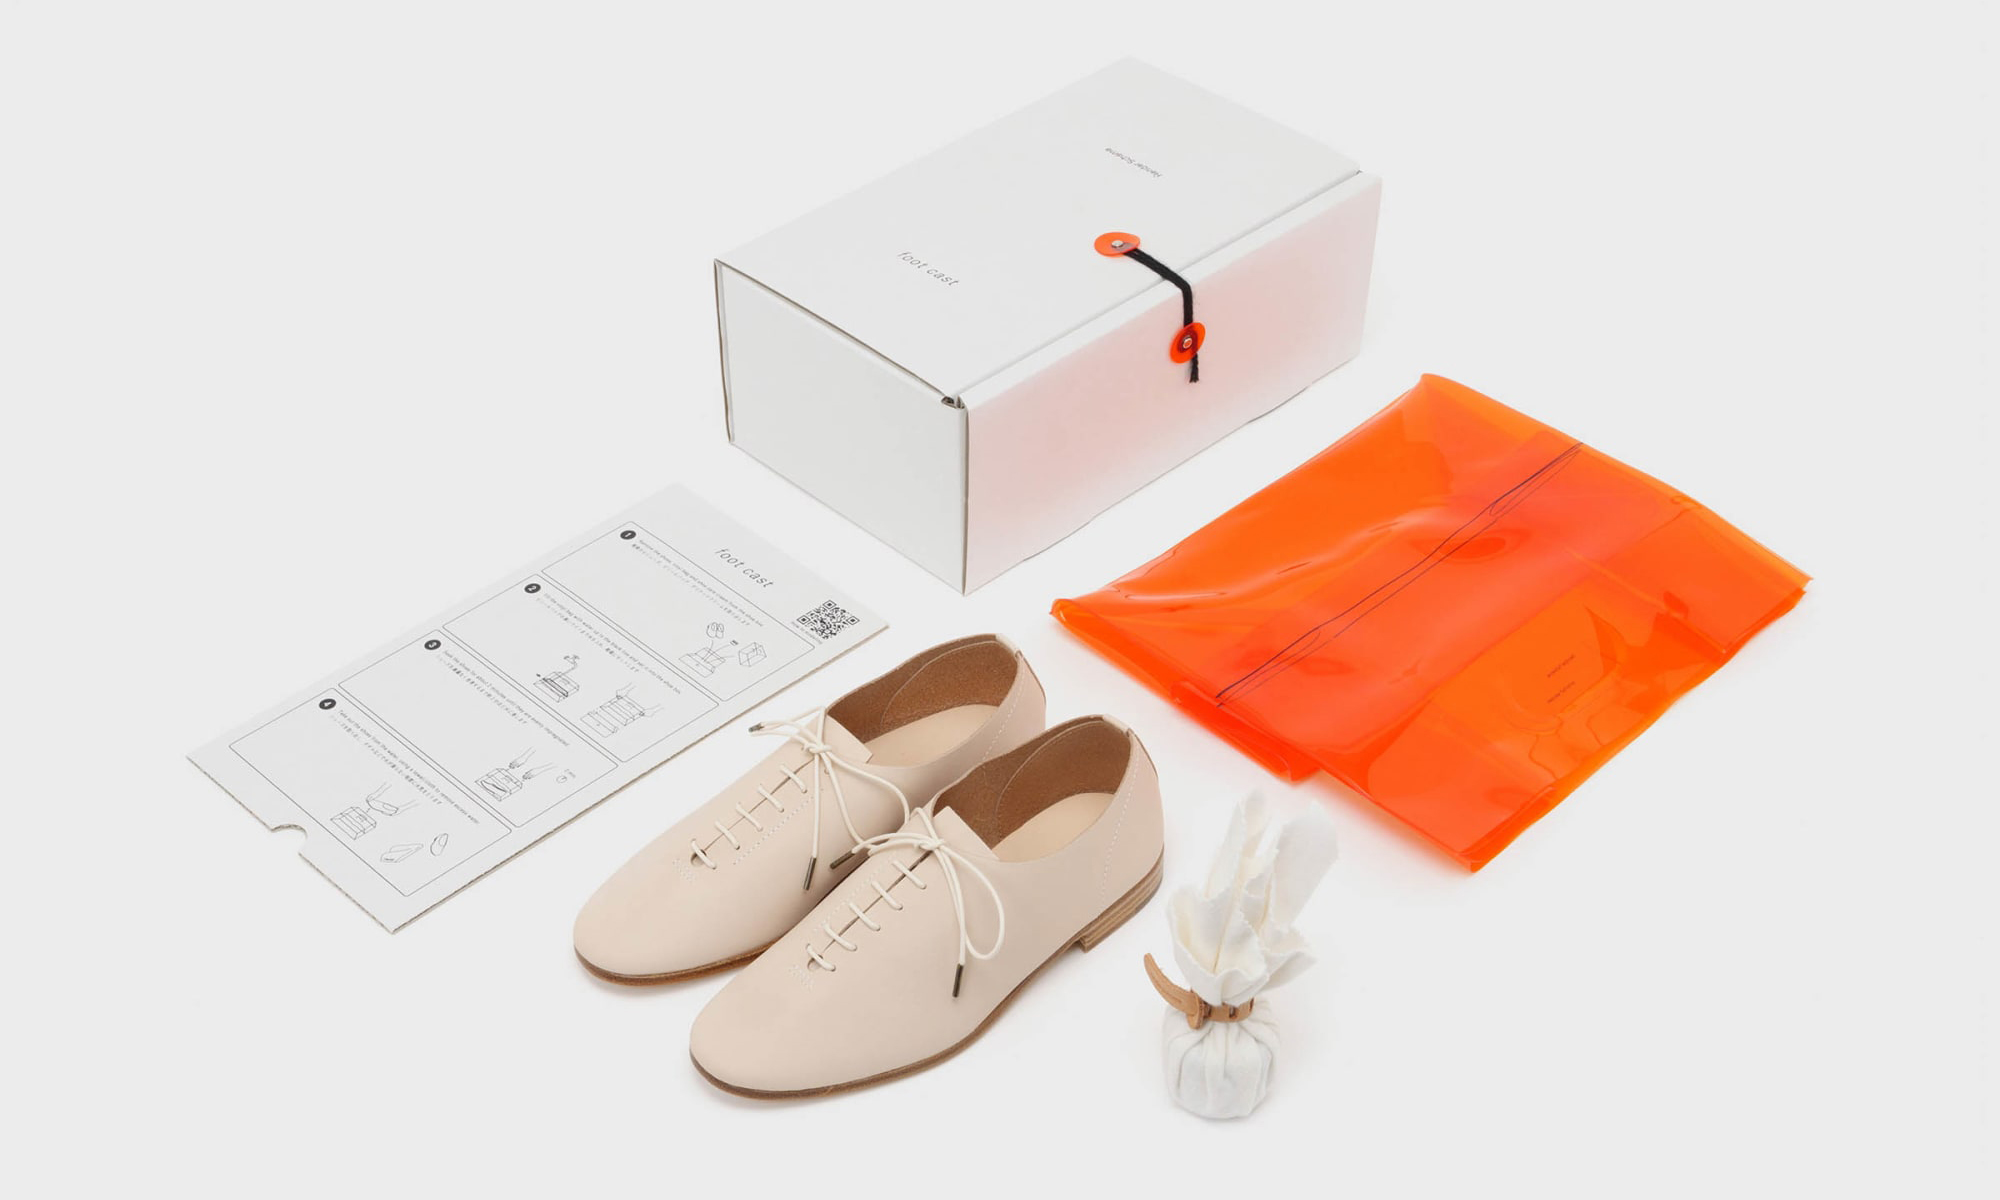 塑造贴合着用感,Hender Scheme 带来 Foot Cast 系列鞋款